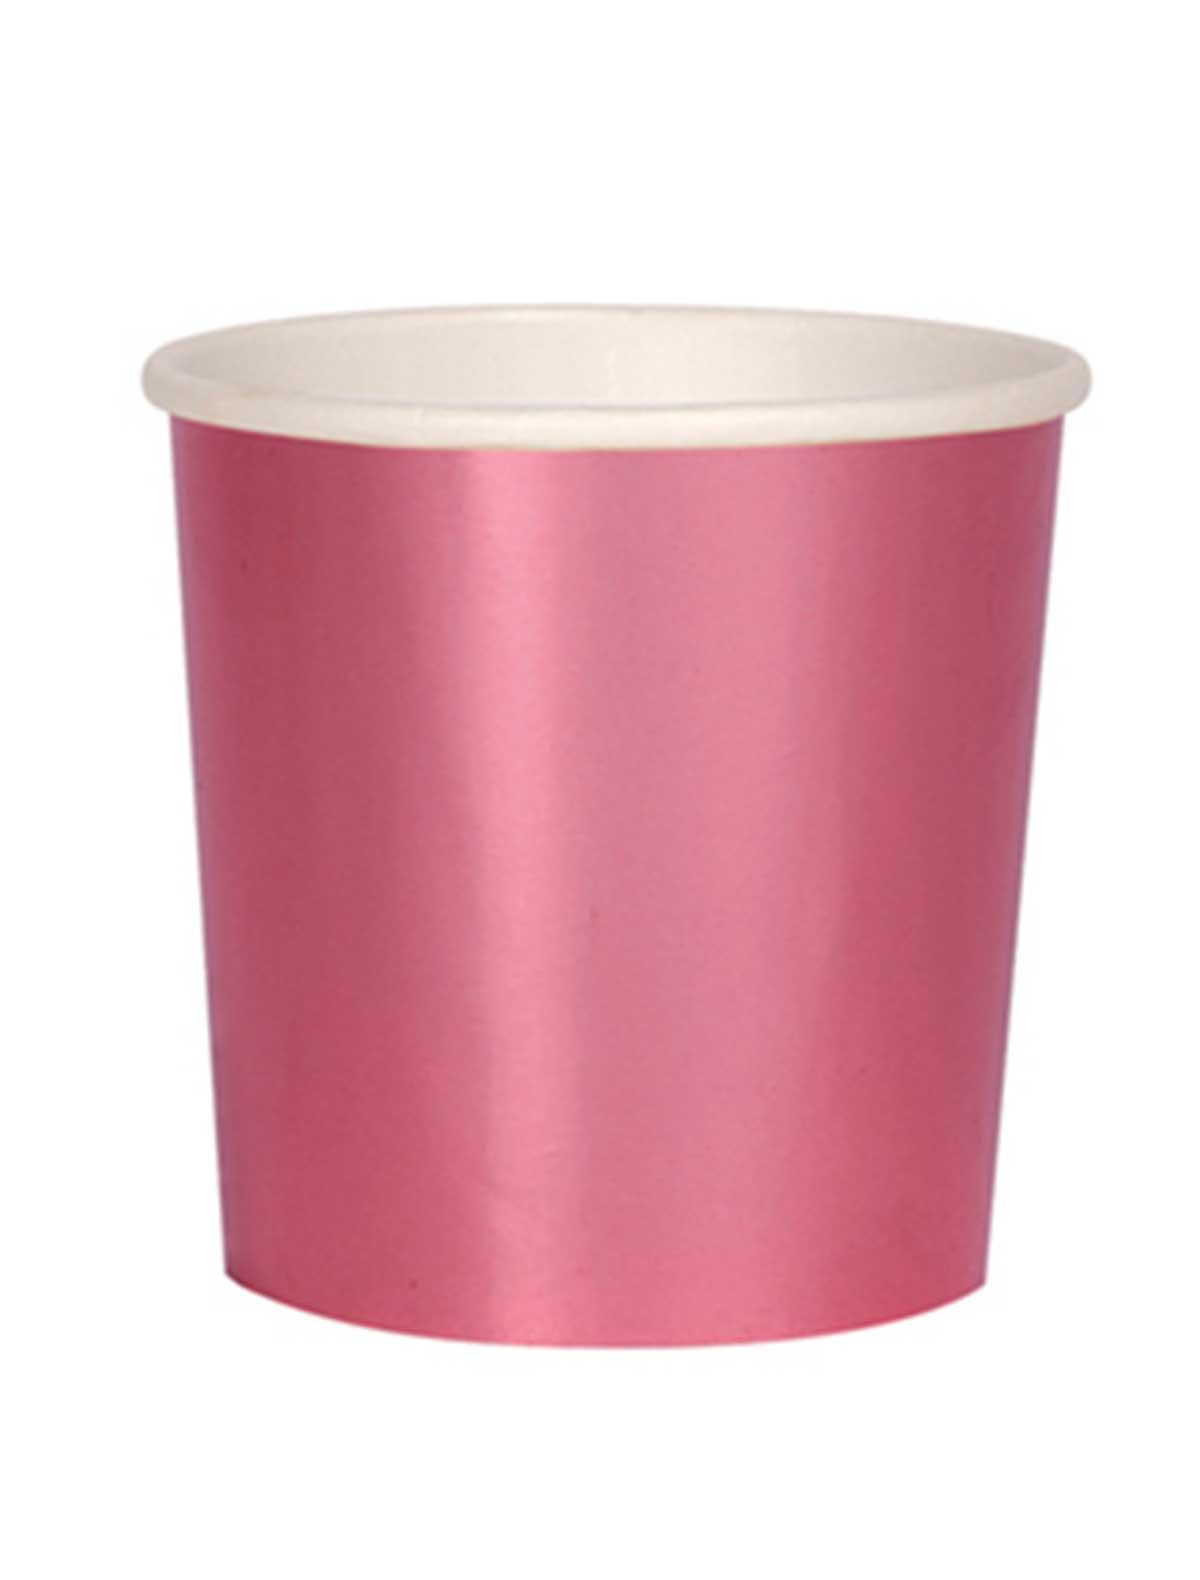 Набор посуды Meri Meri 2259798 розового цвета